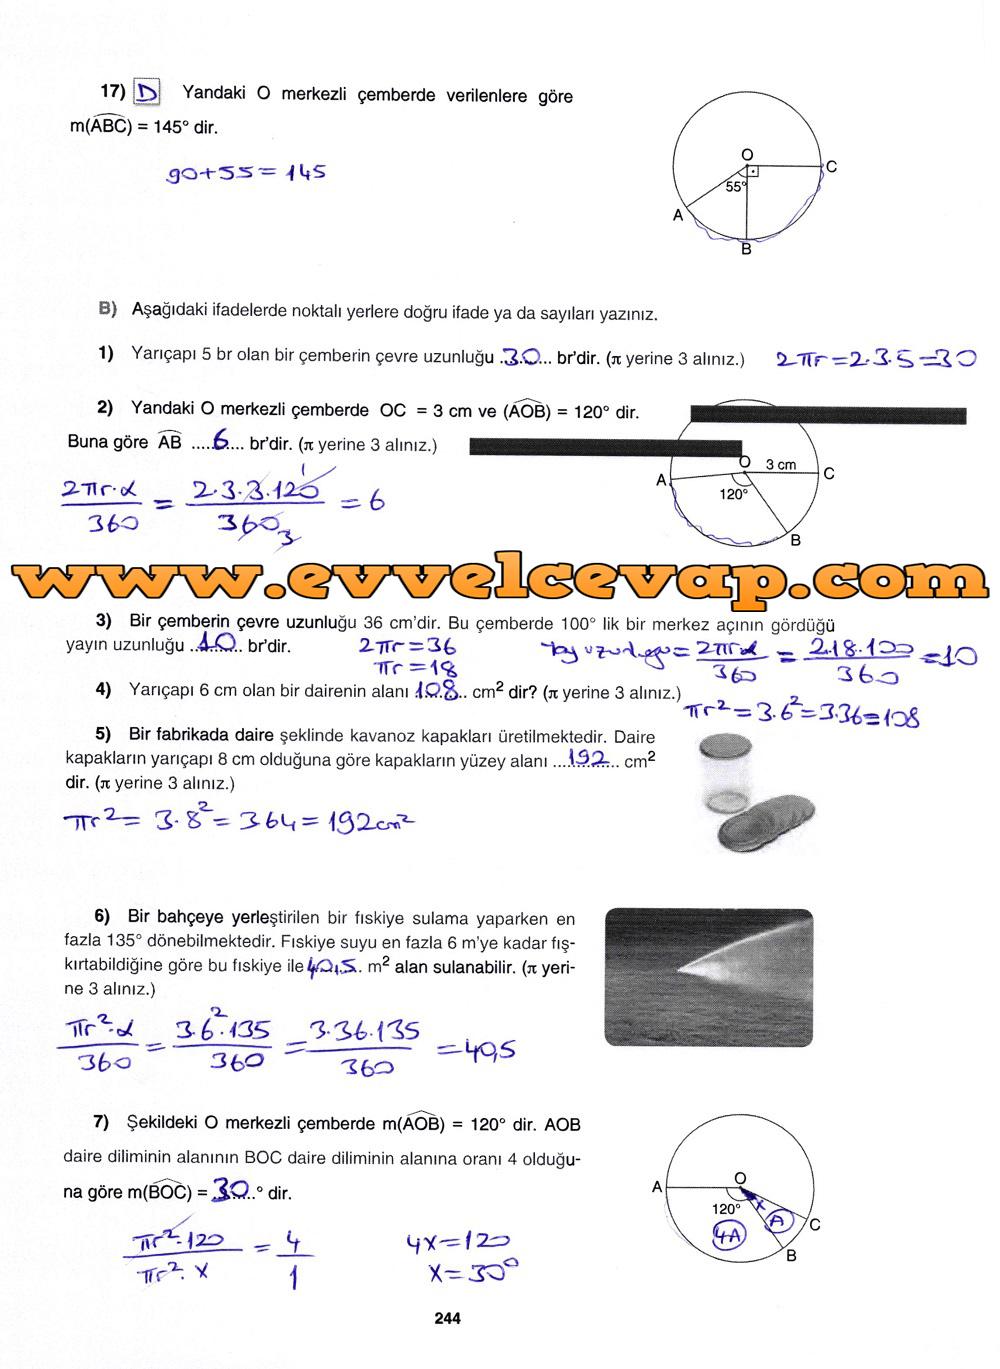 7. Sınıf Gizem Yayınları Matematik Ders Kitabı 244. Sayfa Cevapları 4.Ünite Değerlendirme Çalışmaları